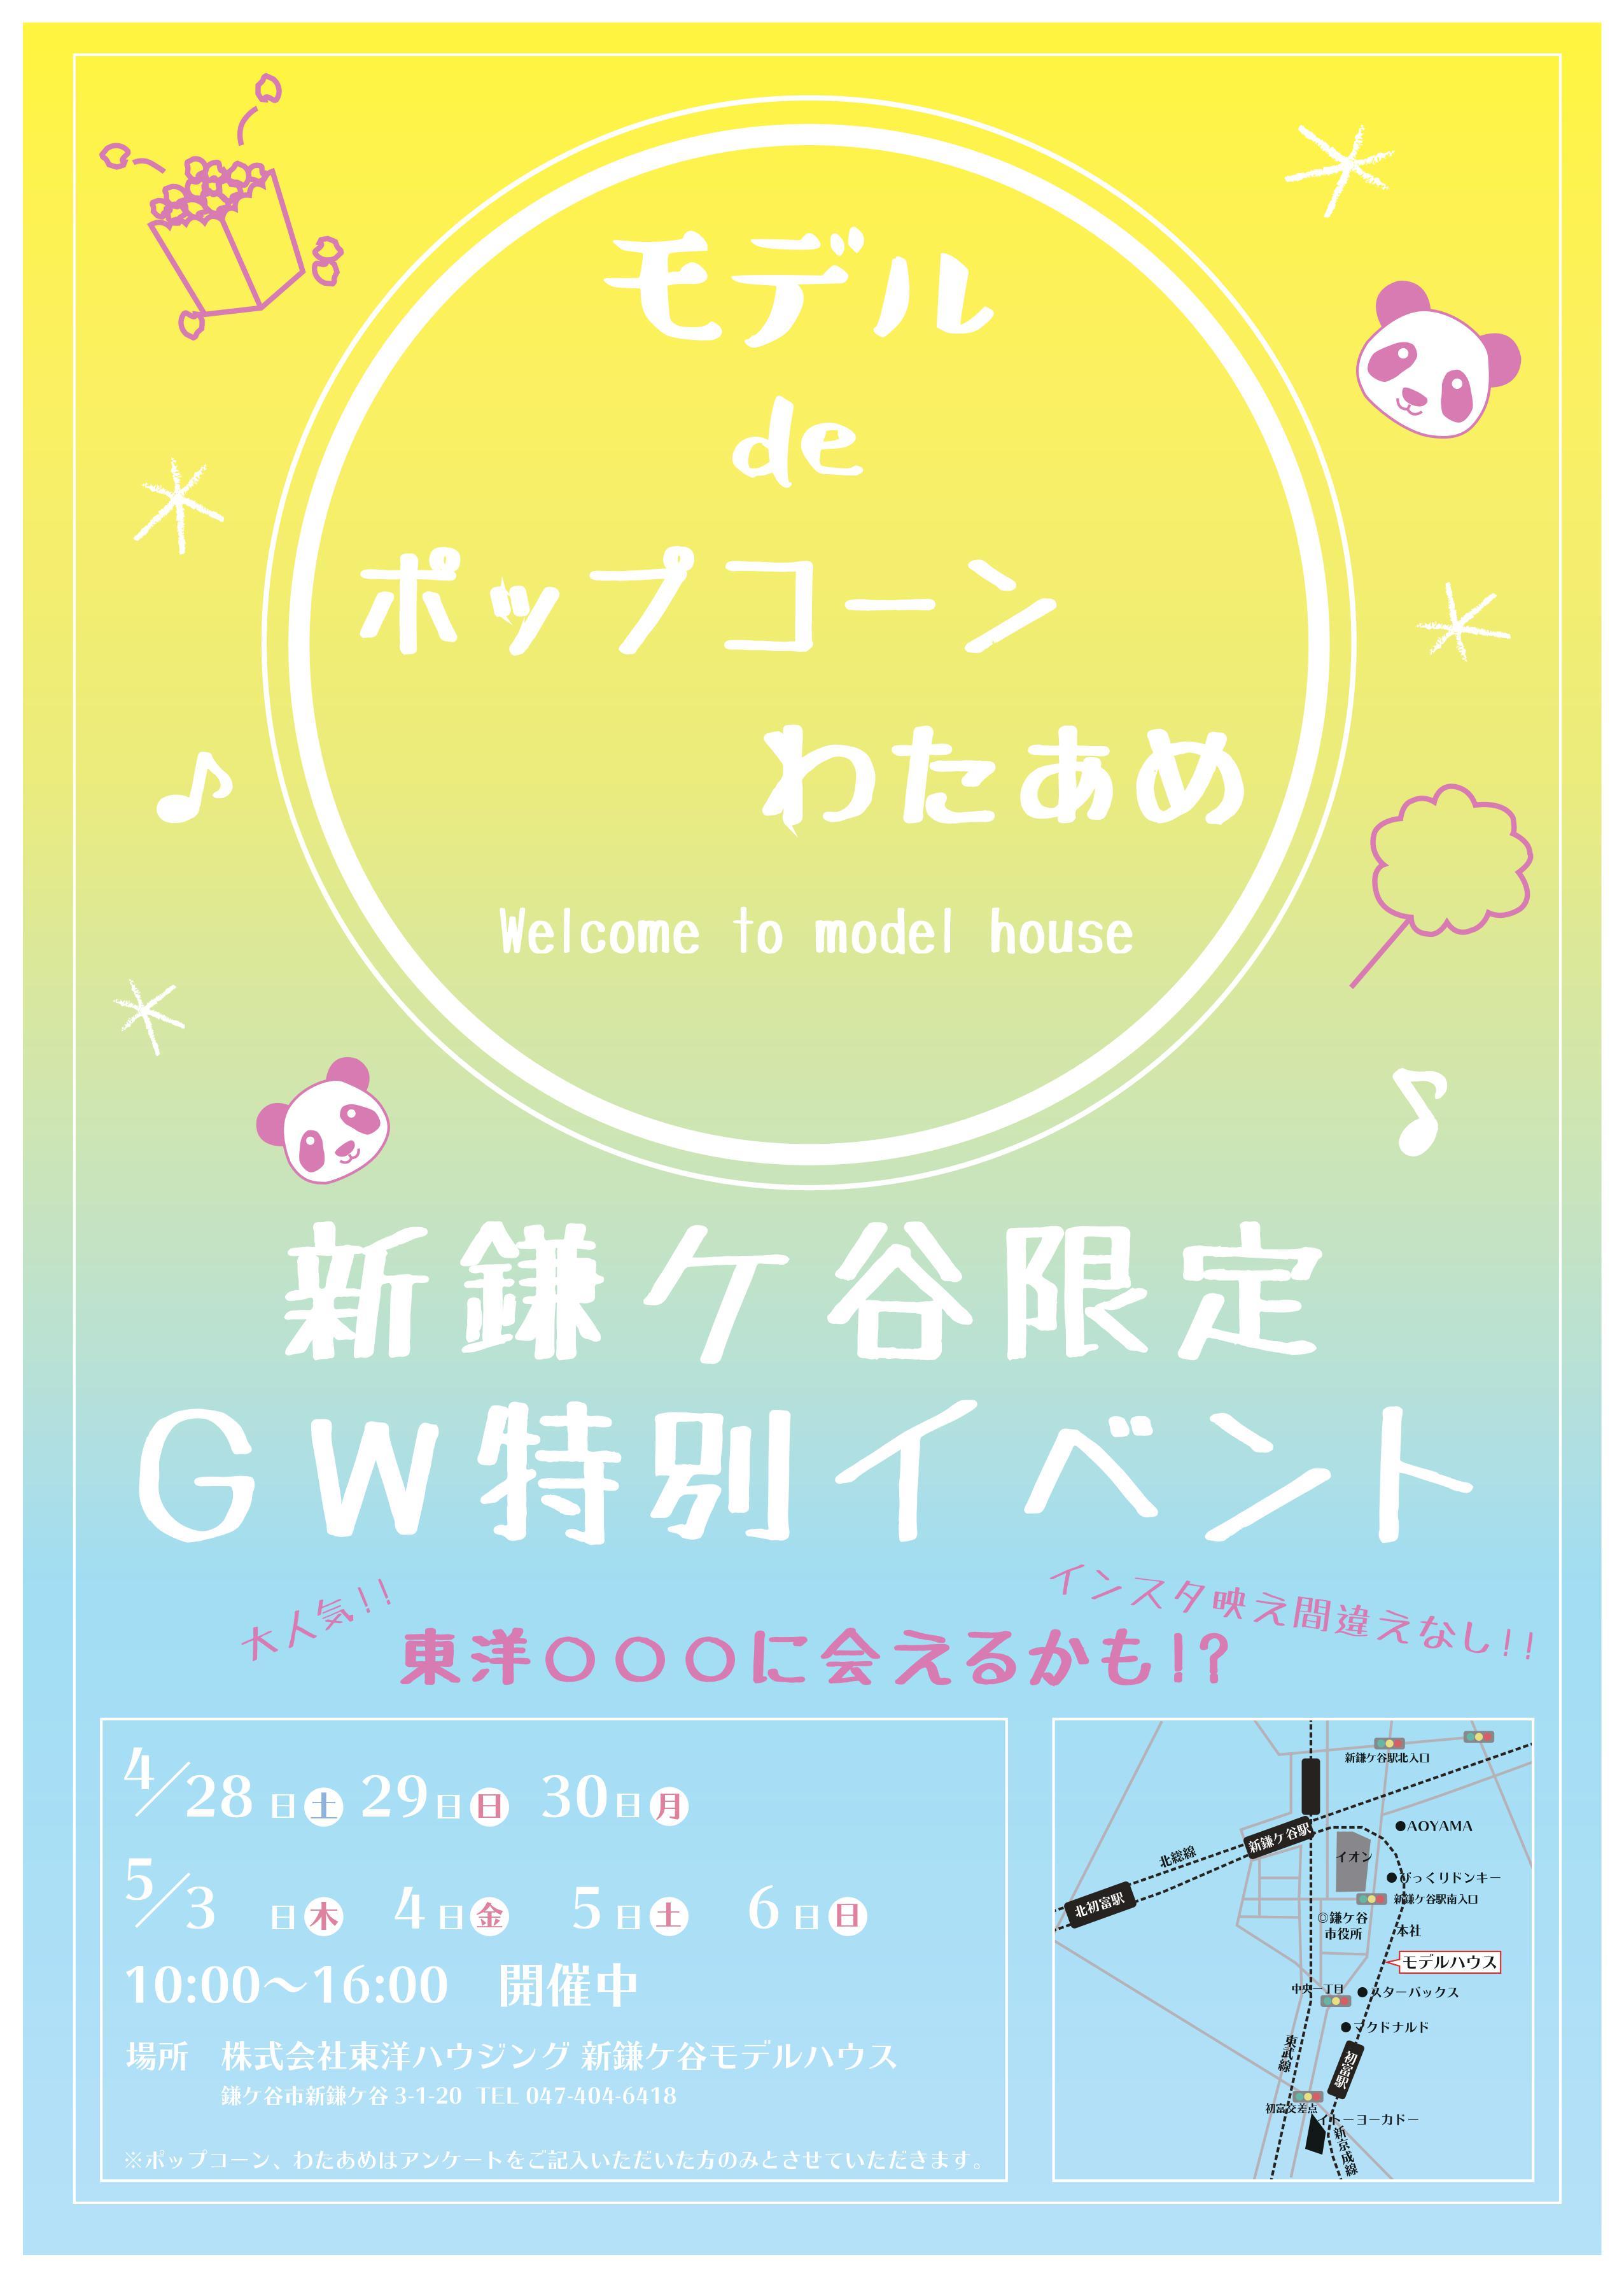 【新鎌ヶ谷モデルハウス nagomino/ソトナカ】GW特別イベント開催